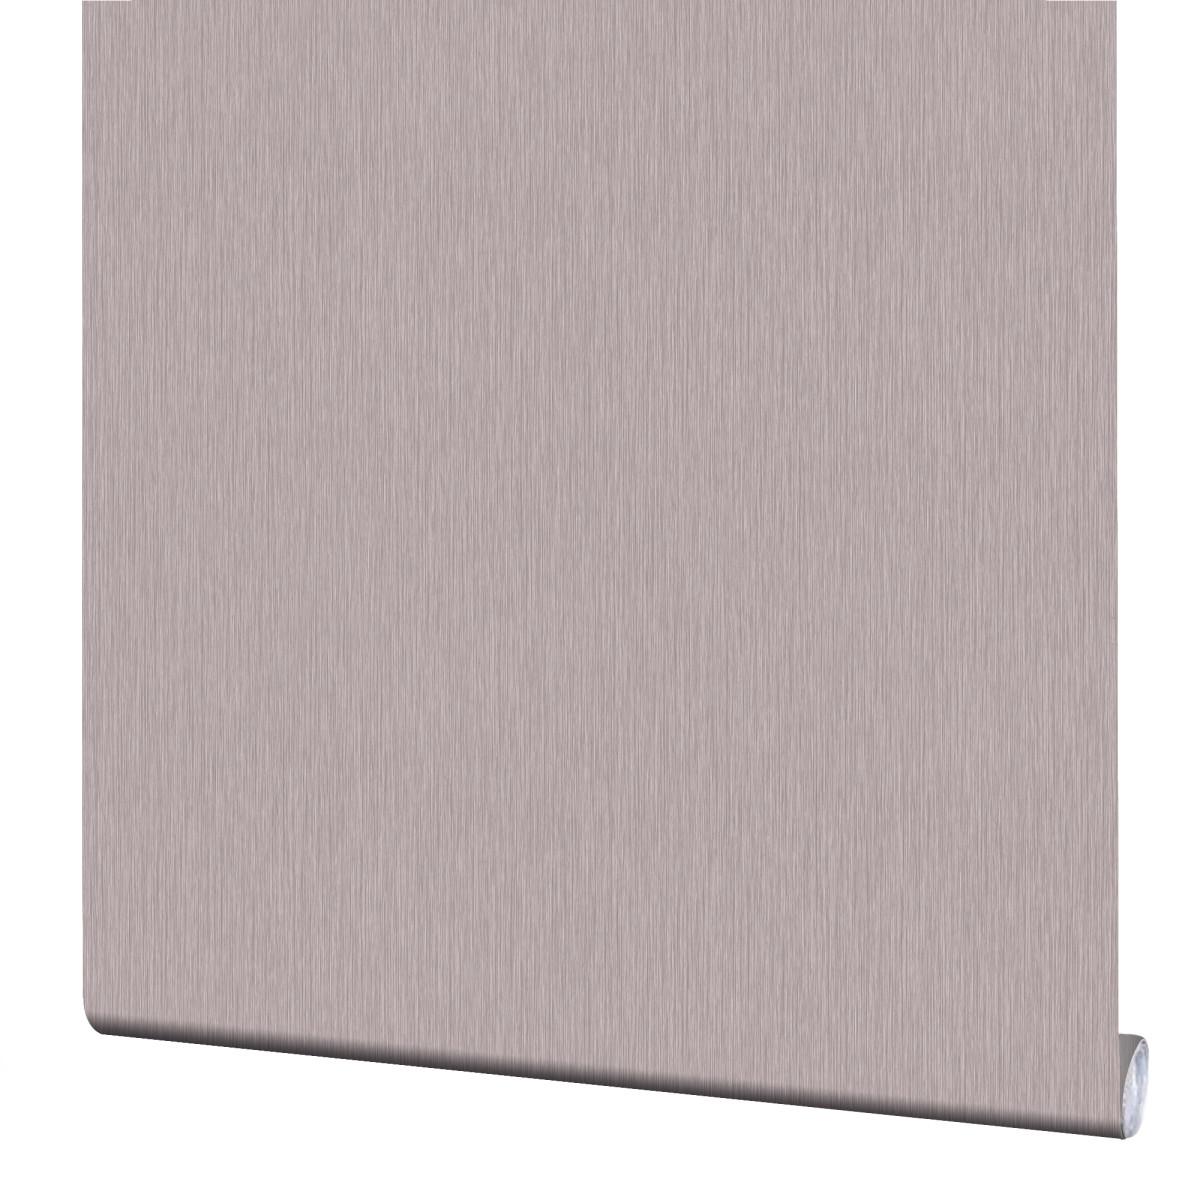 Обои флизелиновые Erismann Elegance коричневые 1.06 м 4596-5